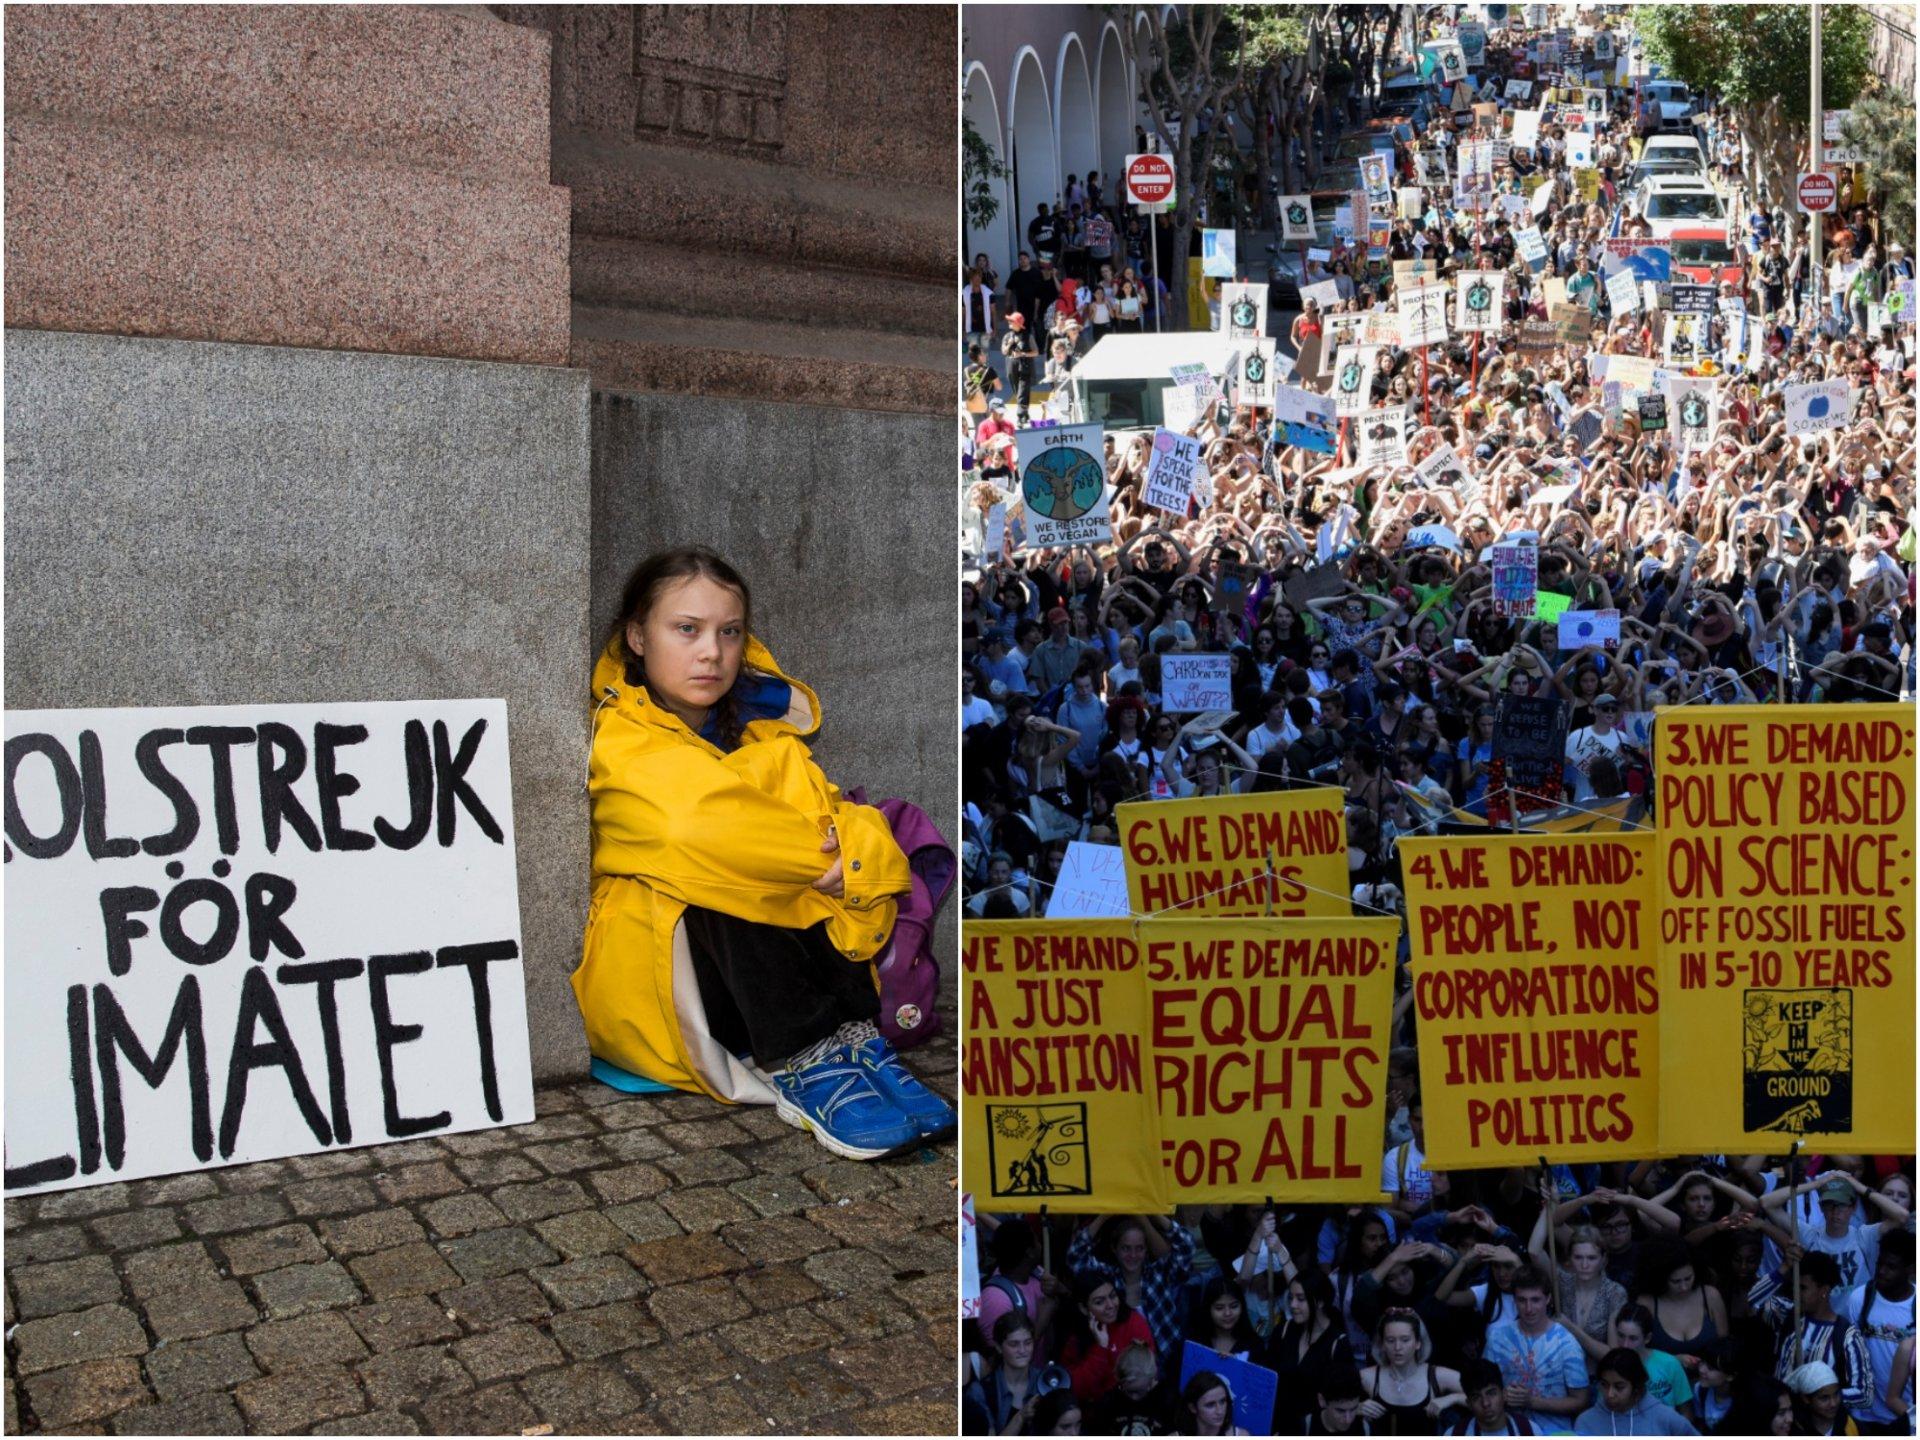 biểu tình Bải khóa vì khí hậu